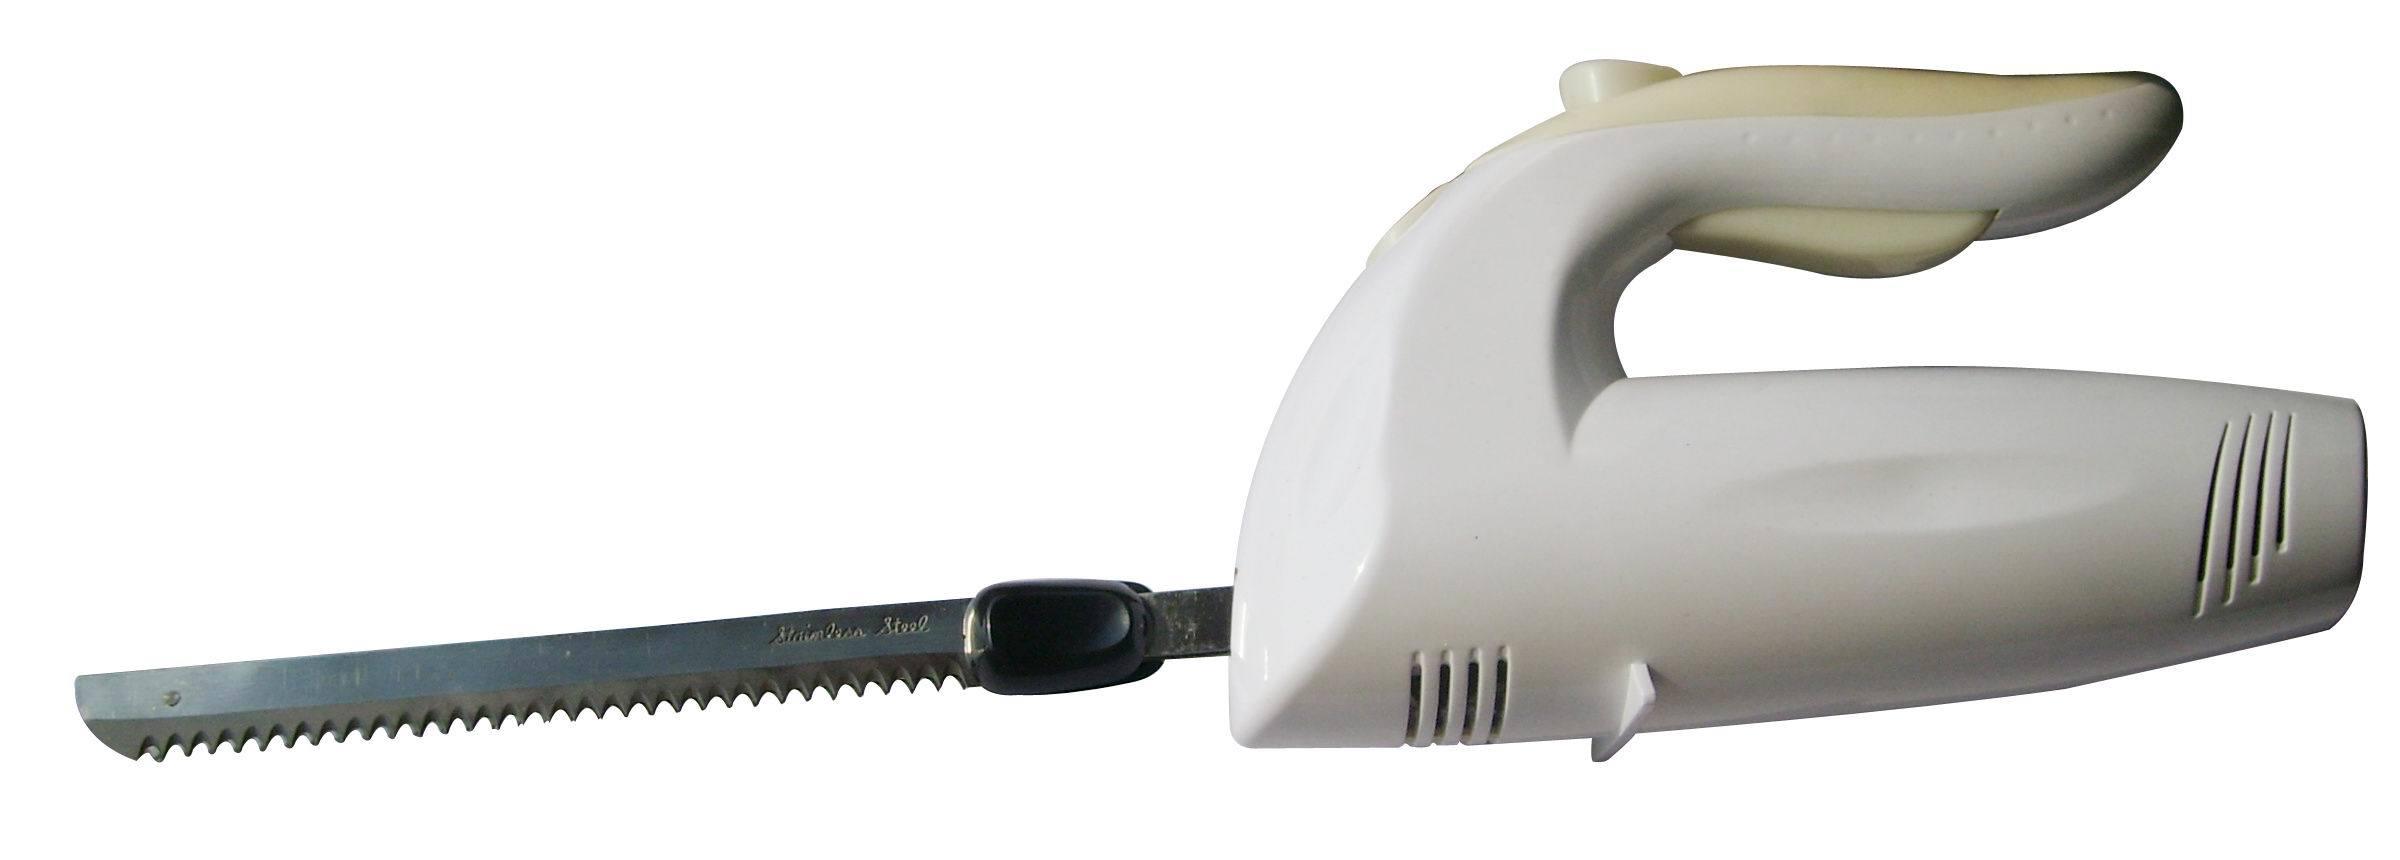 china electric knife ek501 china electric knife bread. Black Bedroom Furniture Sets. Home Design Ideas